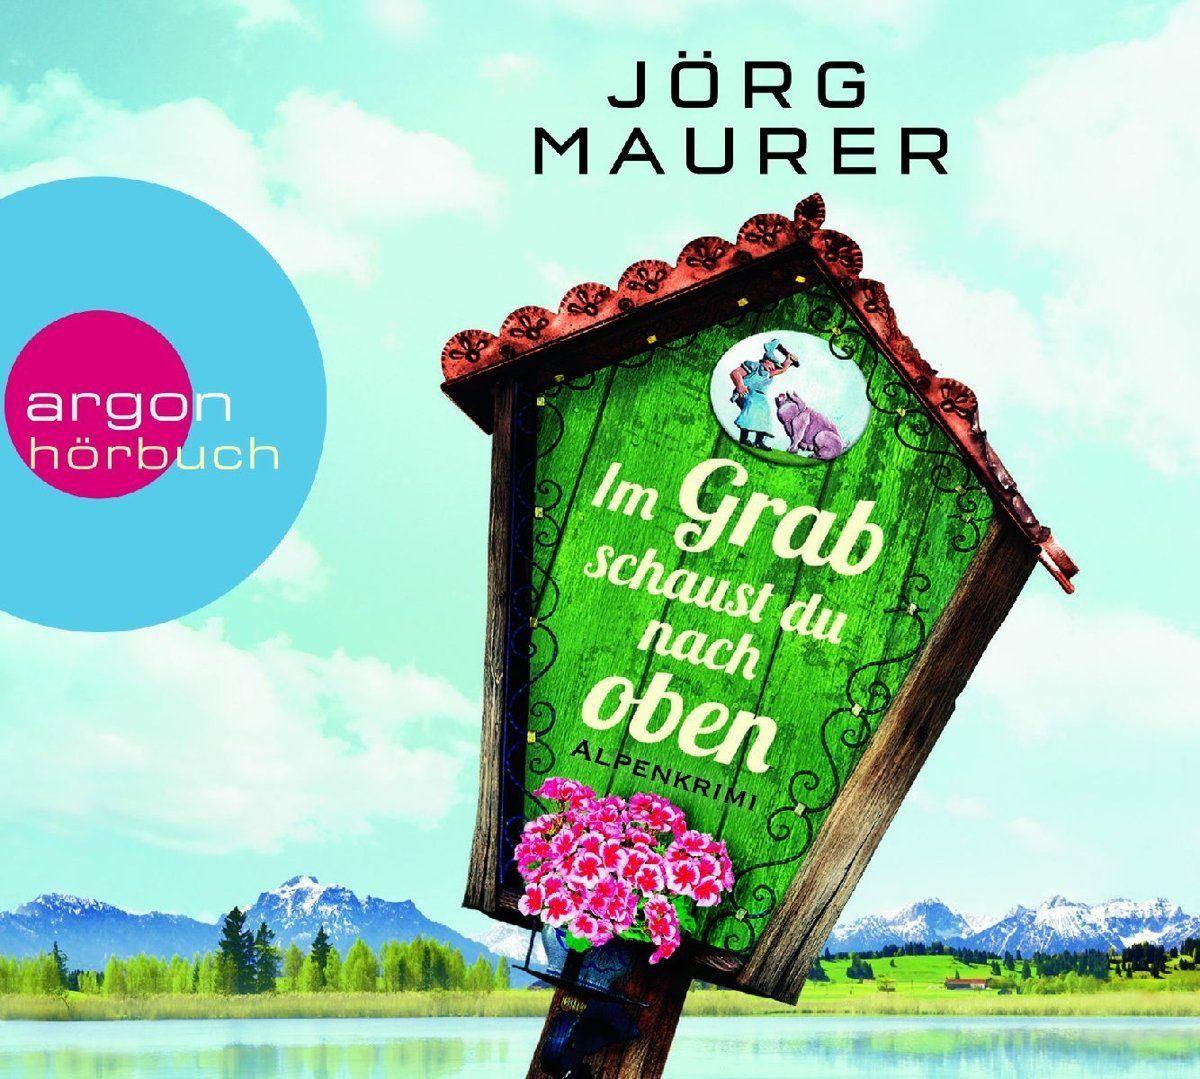 Hörbuch Jörg Maurer - Im Grab schaust du nach oben 6 CDs Lesung vom Autor